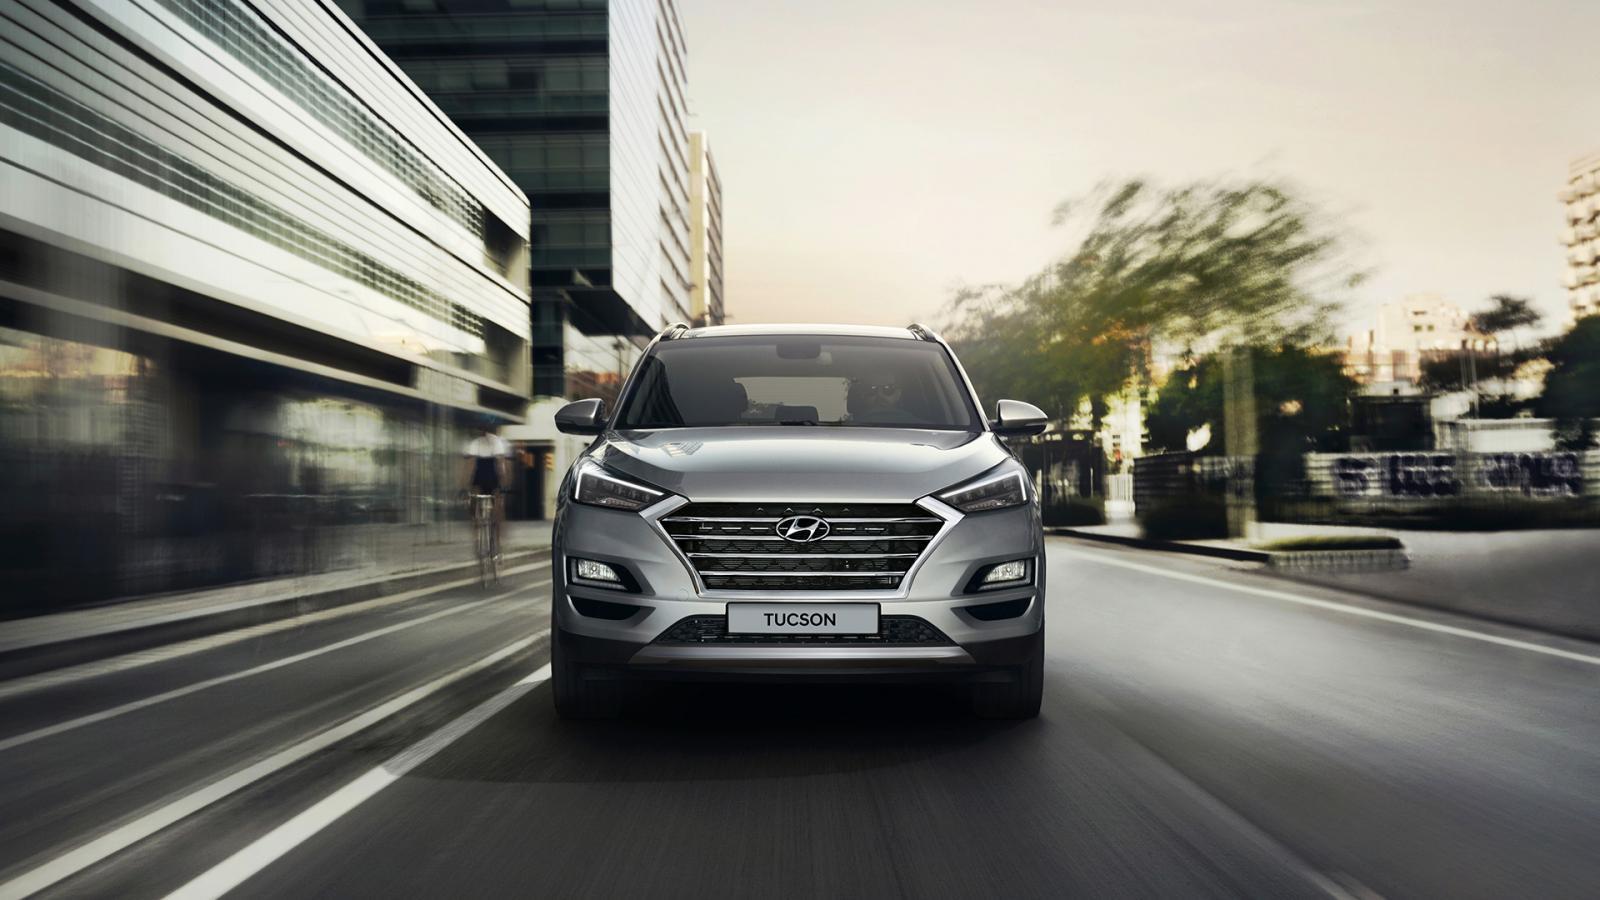 La experiencia de manejo de la Hyundai Tucson 2020 precio en México genera confianza para lanzarse a los viajes familiares en carretera